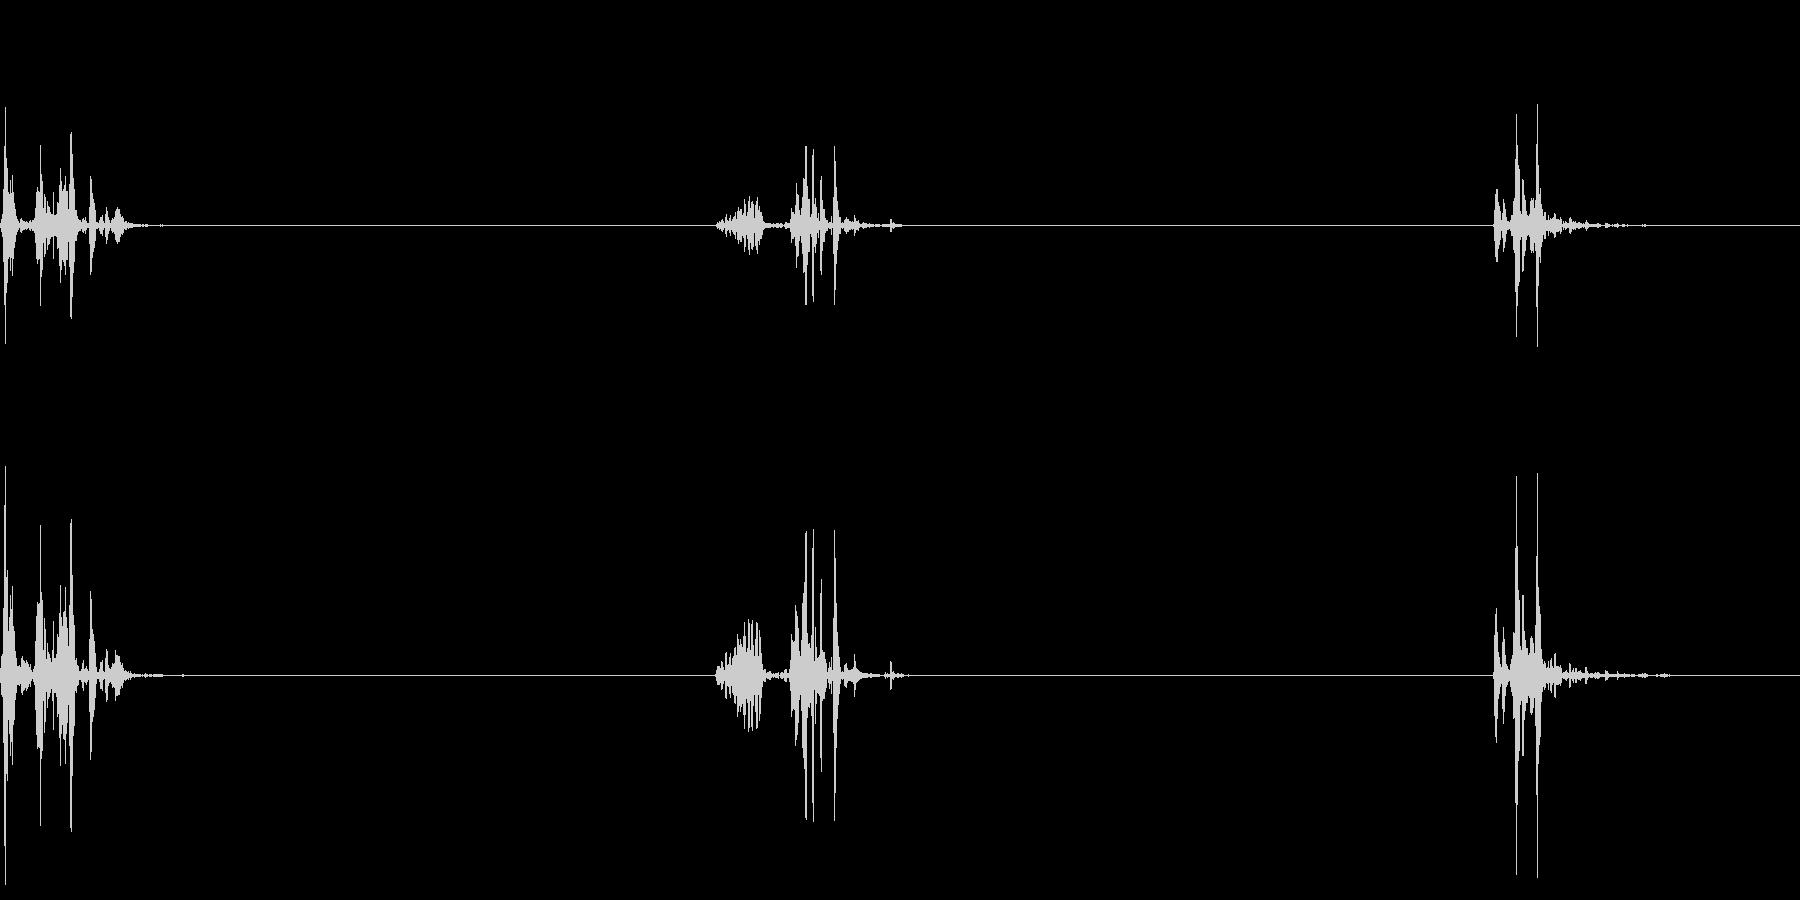 飲み込む音(ごっくん3回)の未再生の波形